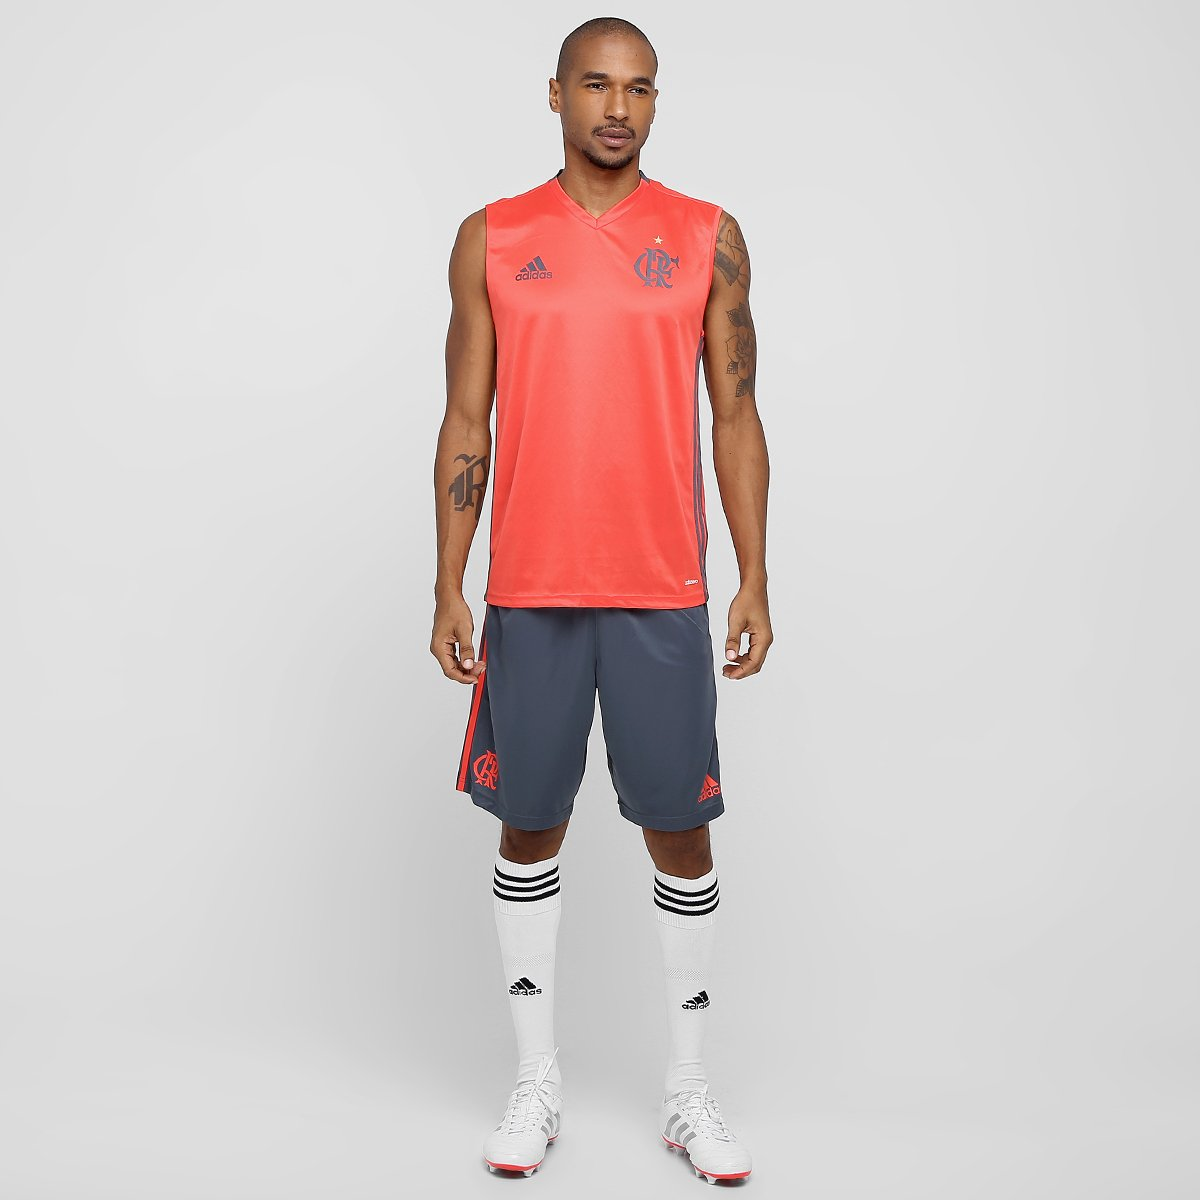 Camiseta Regata Flamengo Adidas Treino Masculina - Compre Agora ... 730df15f5673e